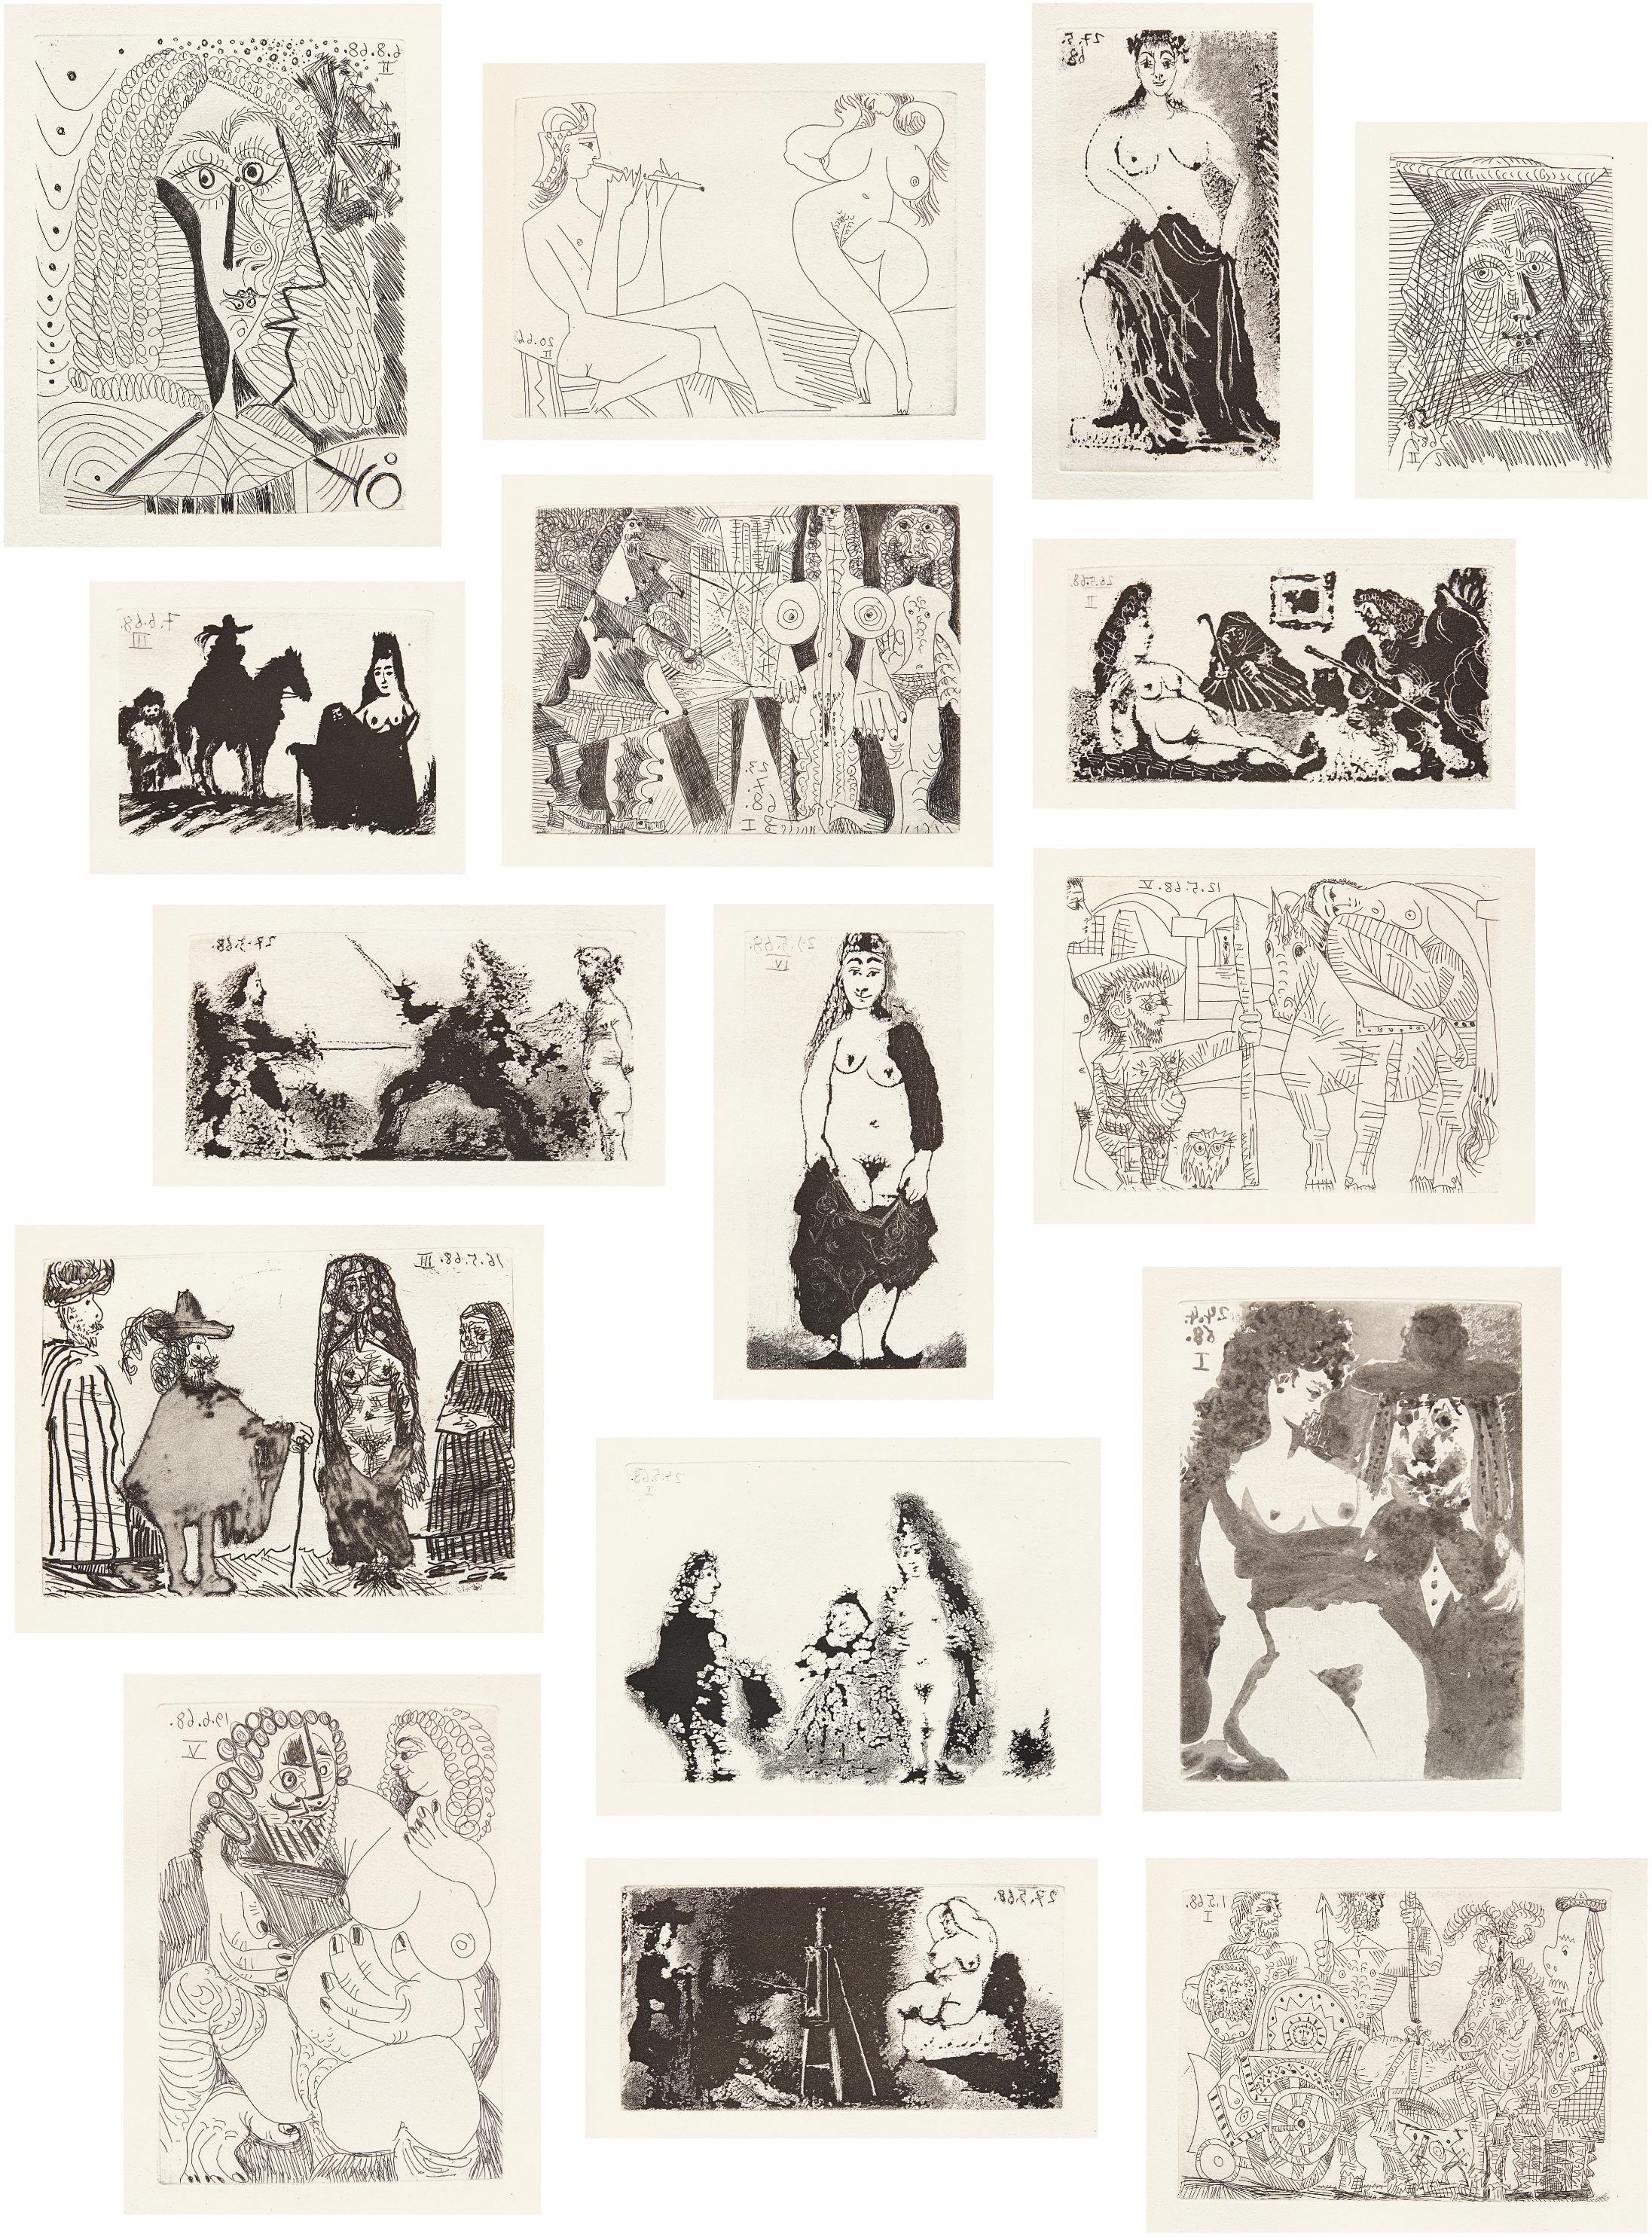 Pablo Picasso-La Celestine-1977